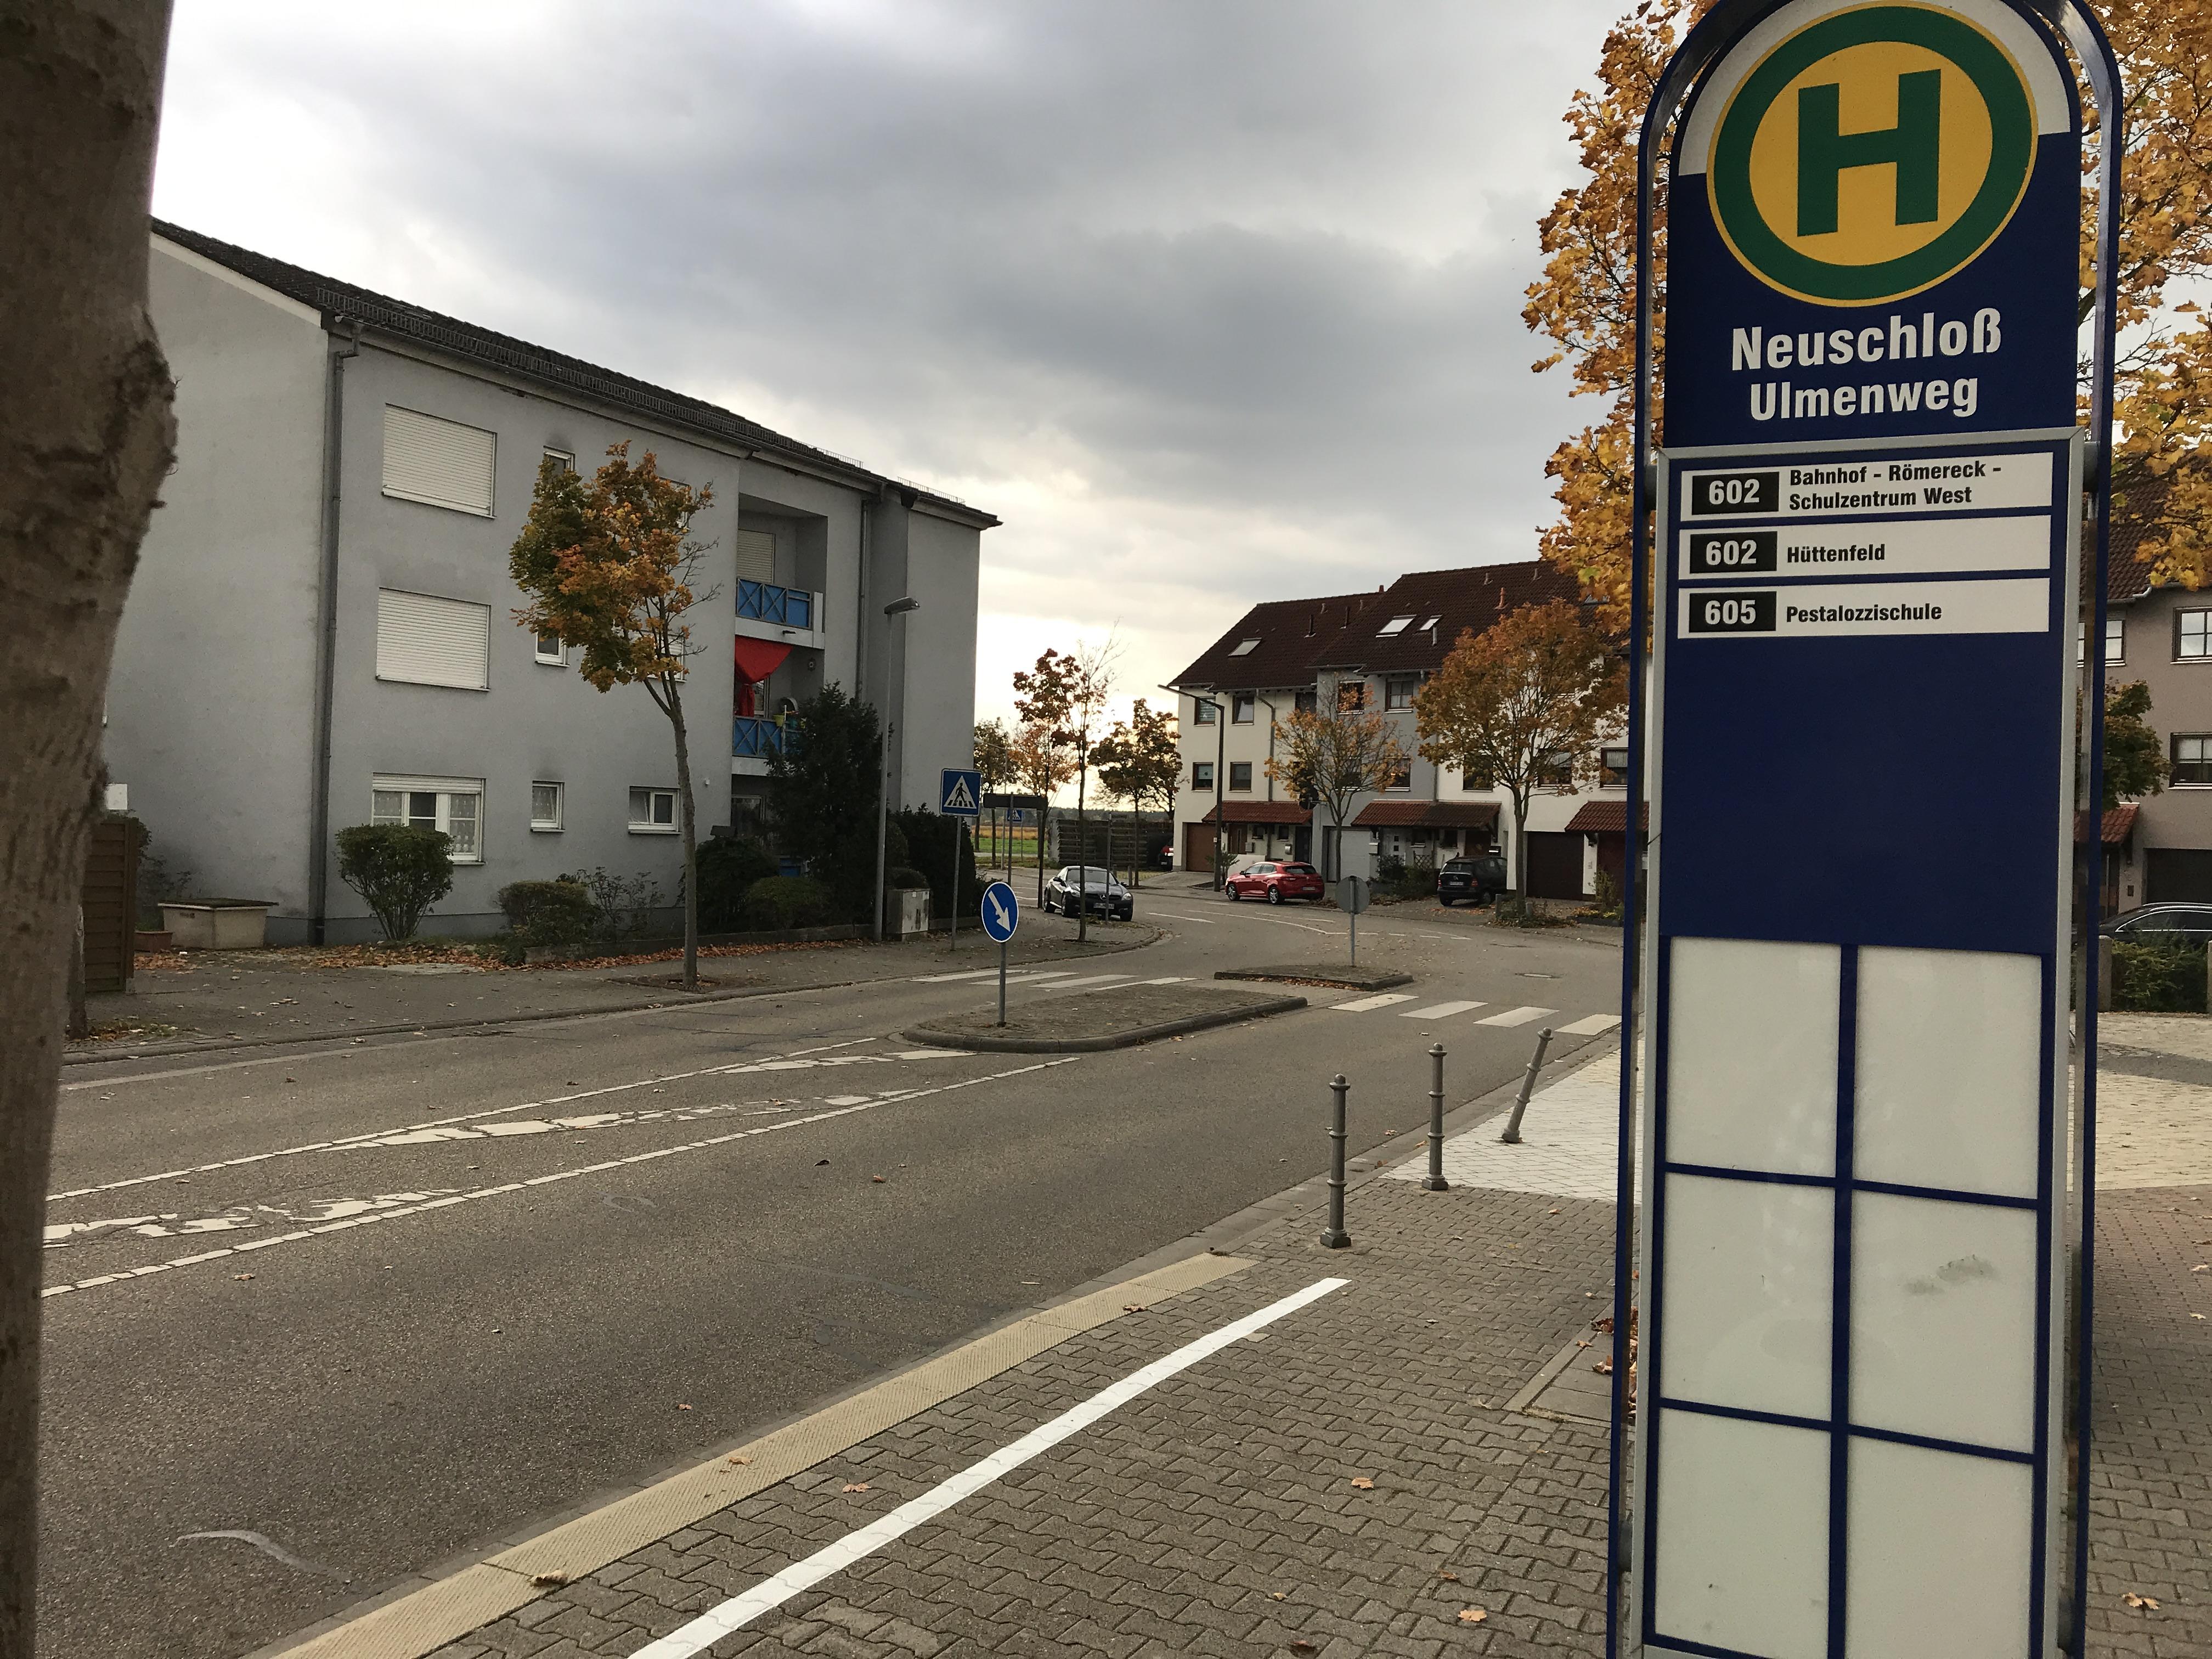 Die Bushaltestelle im Ulmenweg - jetzt mit offizieller Linie.